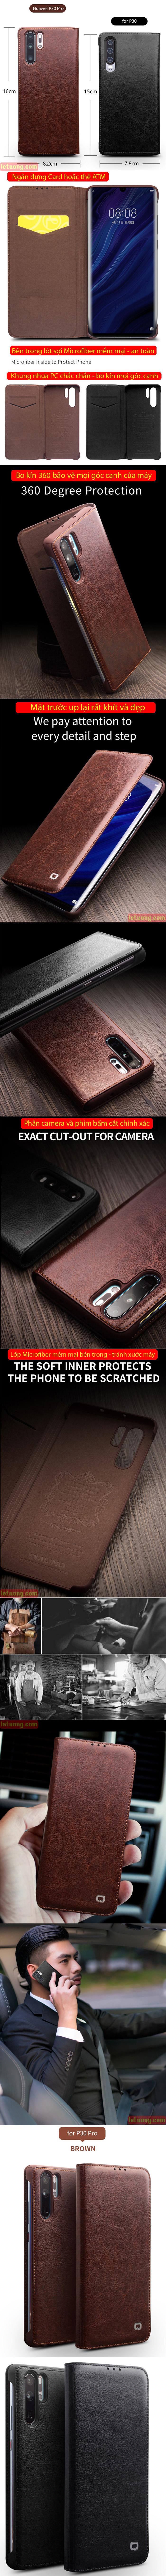 Bao da Huawei P30 Pro Qialino Classic Laether Wallet da thật Hanmade 7